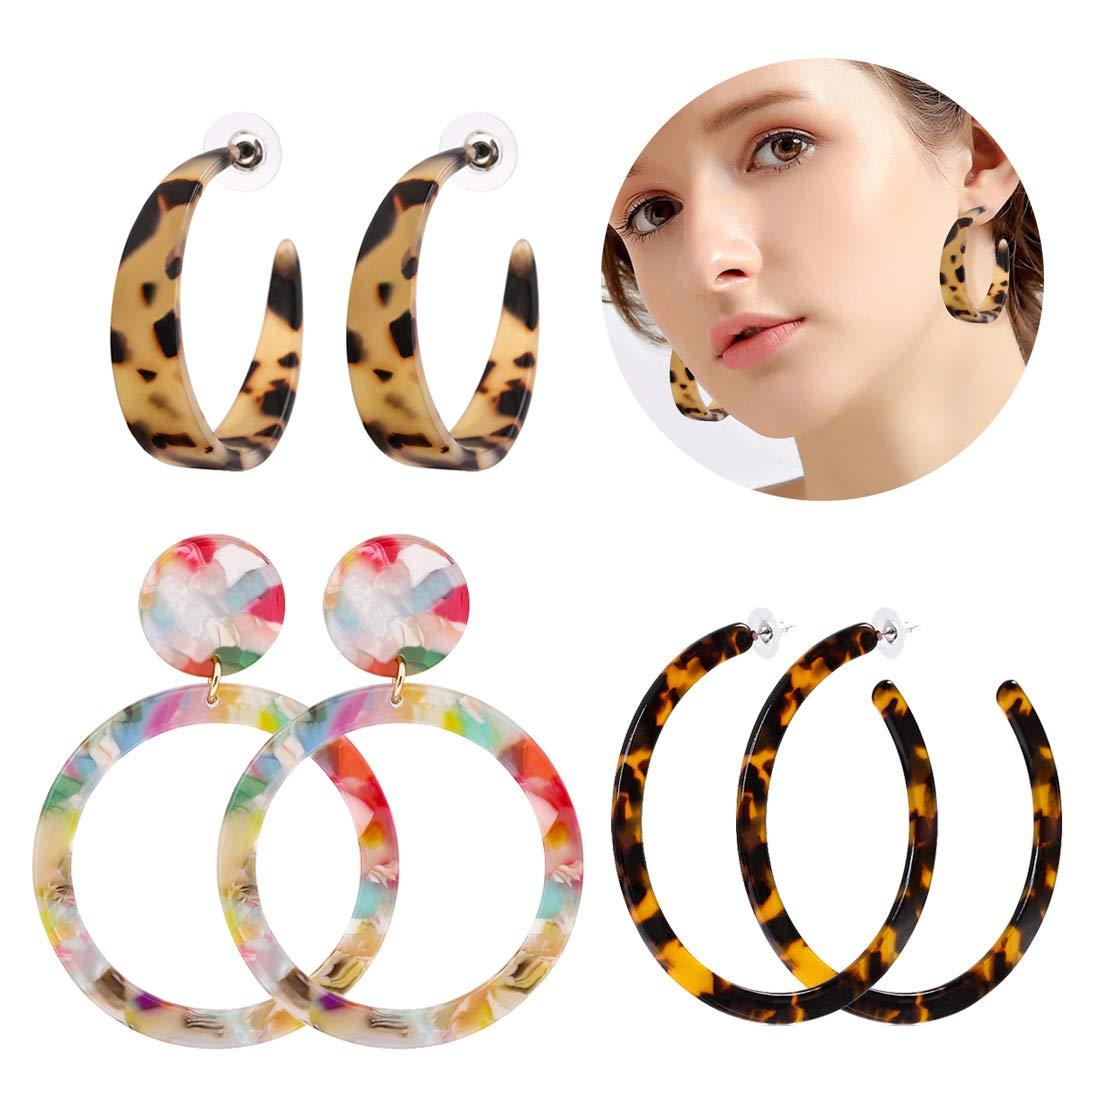 ALEXY Women's Mottled Hoop Earrings Bohemia Acrylic Resin Hoops Stud Earrings (G: 3PCS Set 3)